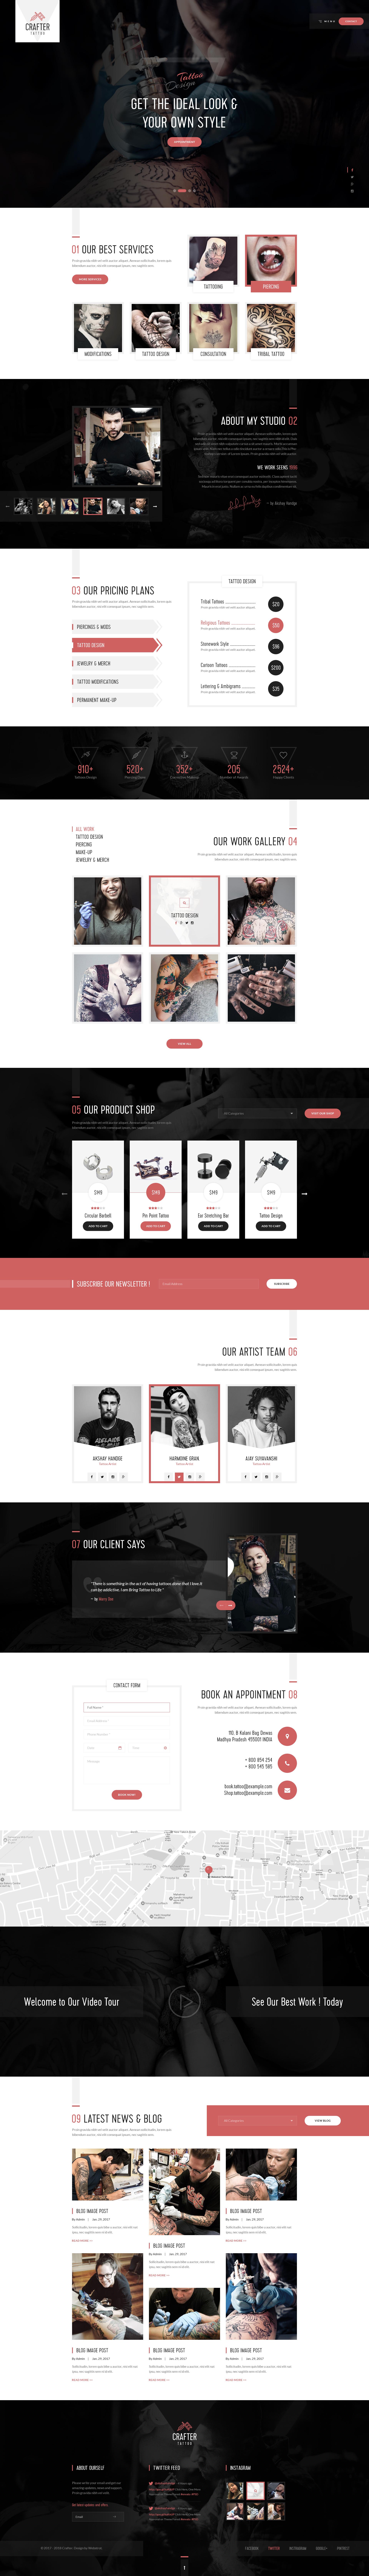 Crafter Tattoo - Body Art Bootstrap PSD Template - 1